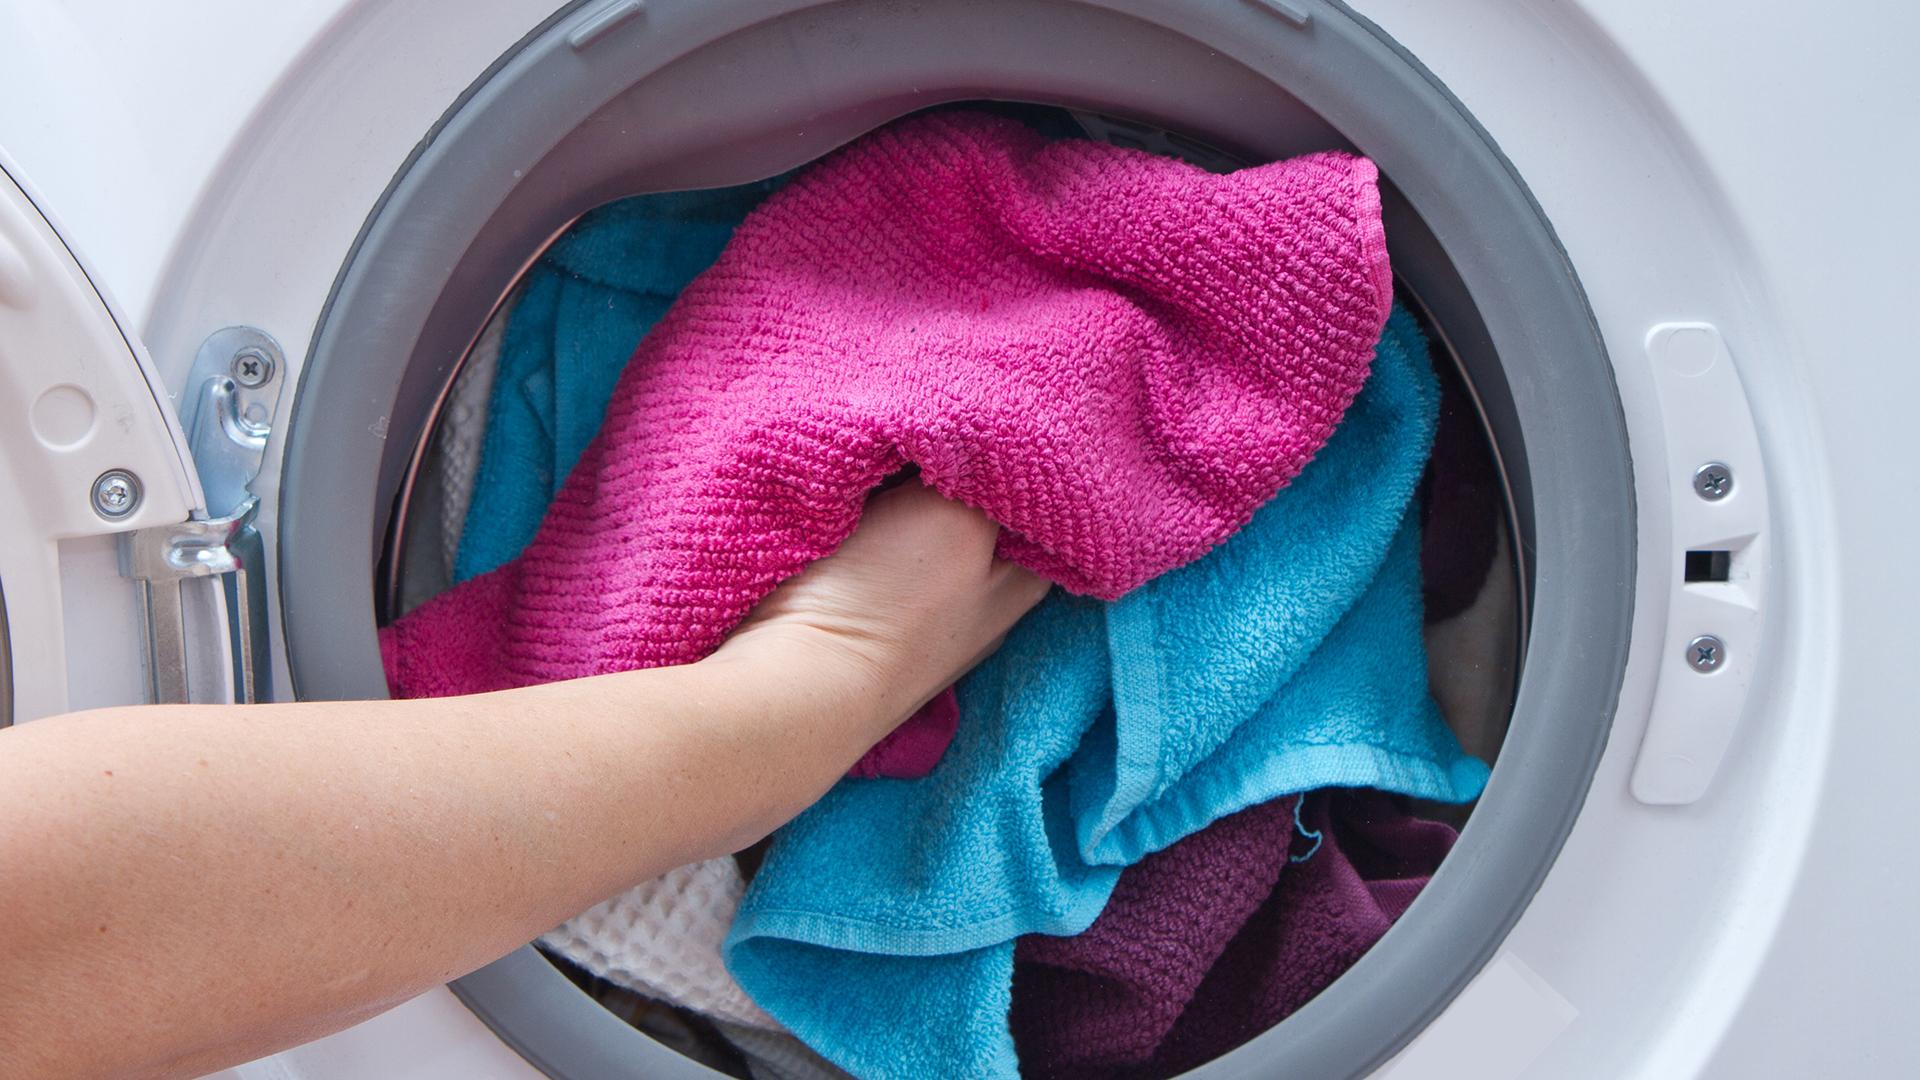 ซักผ้ายังไงให้การ์ดไม่ตก ลดเสี่ยง ลดกลิ่นอับ